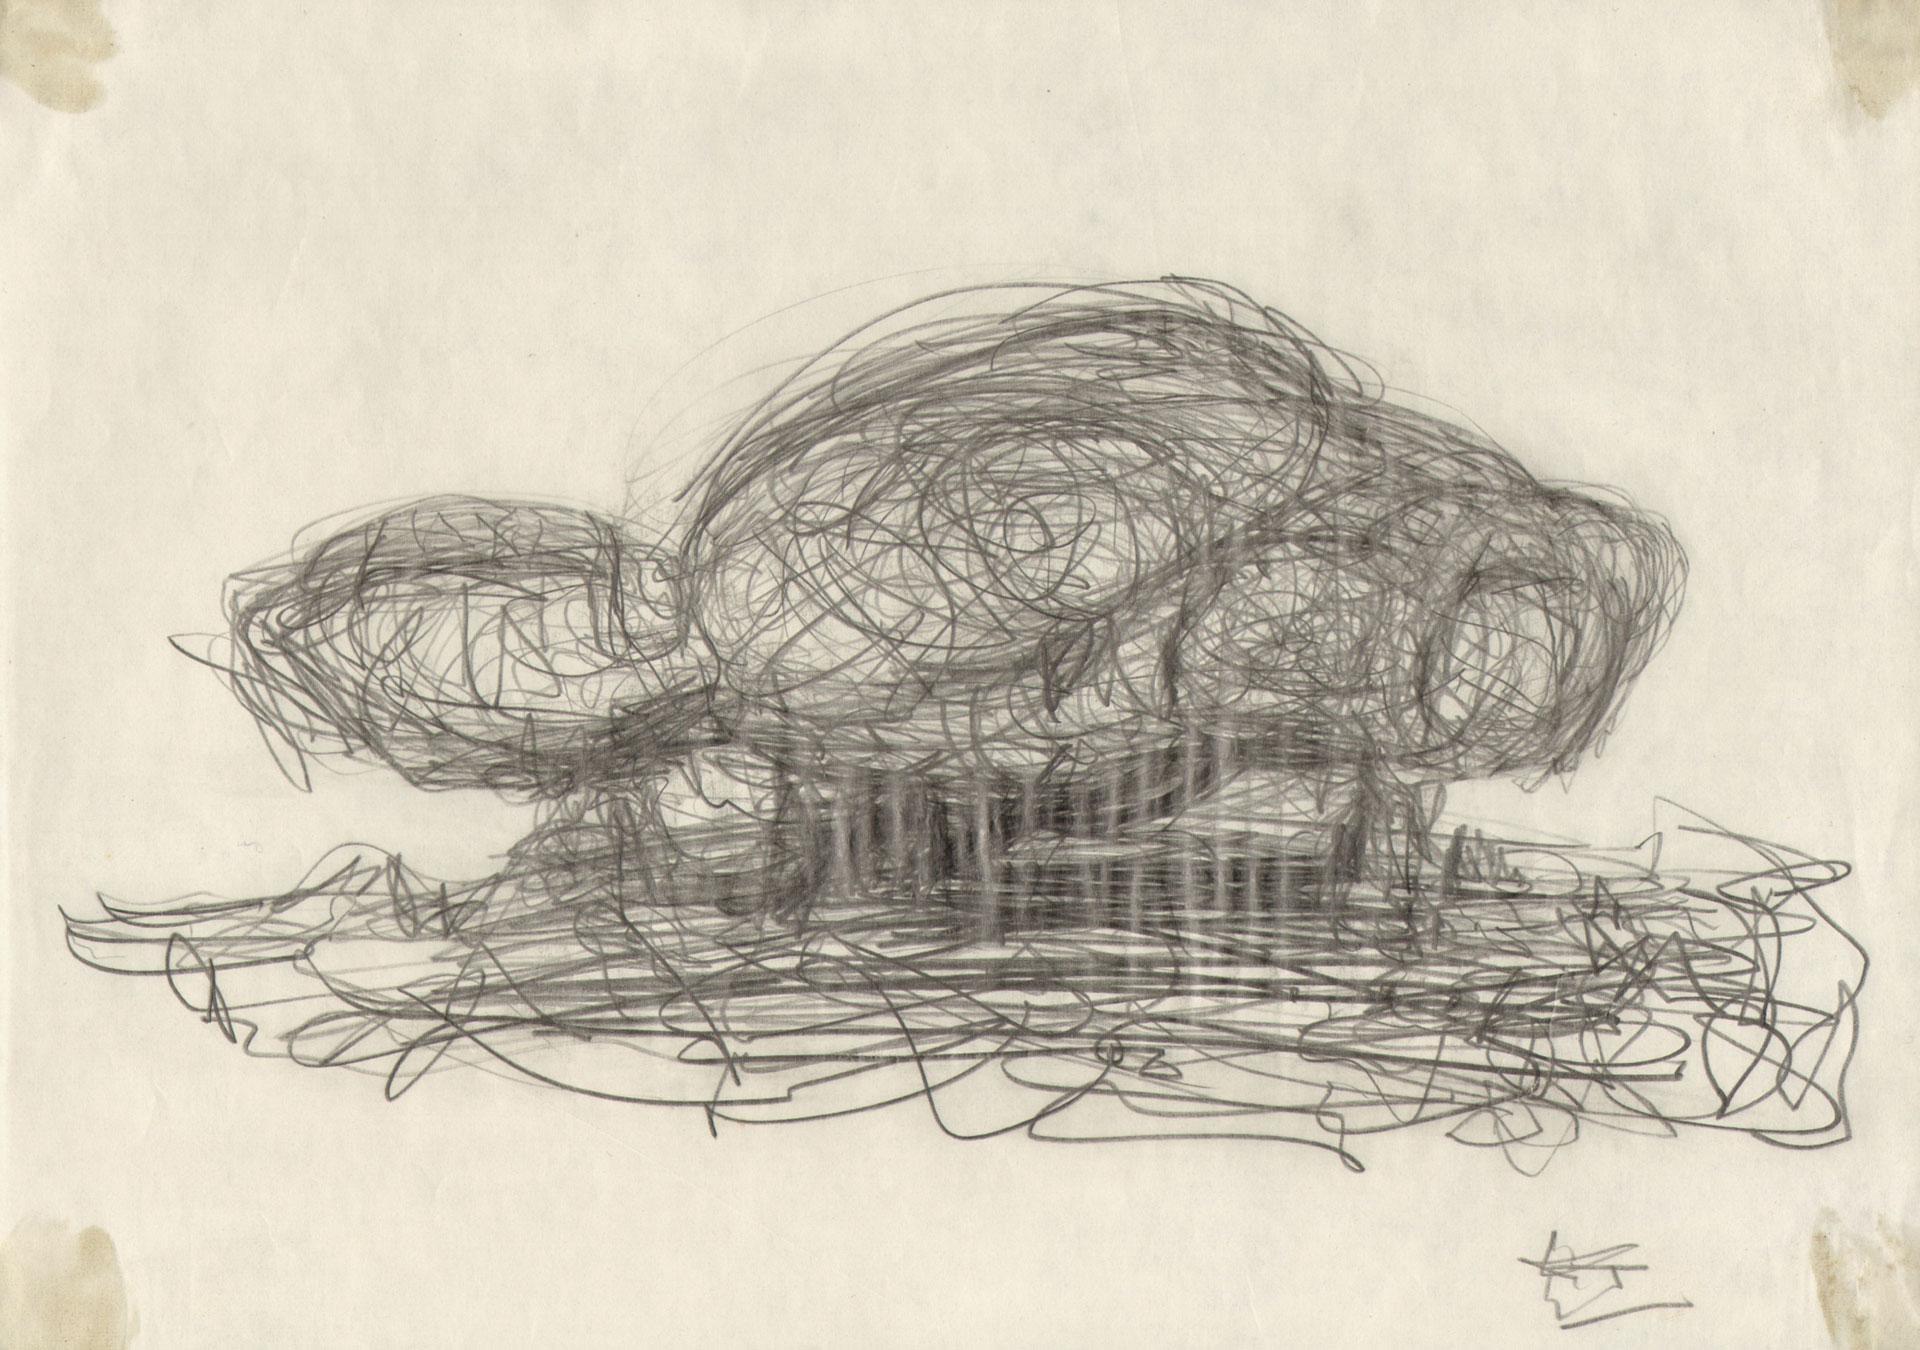 Friedrich Kiesler, Studie eines Endless House